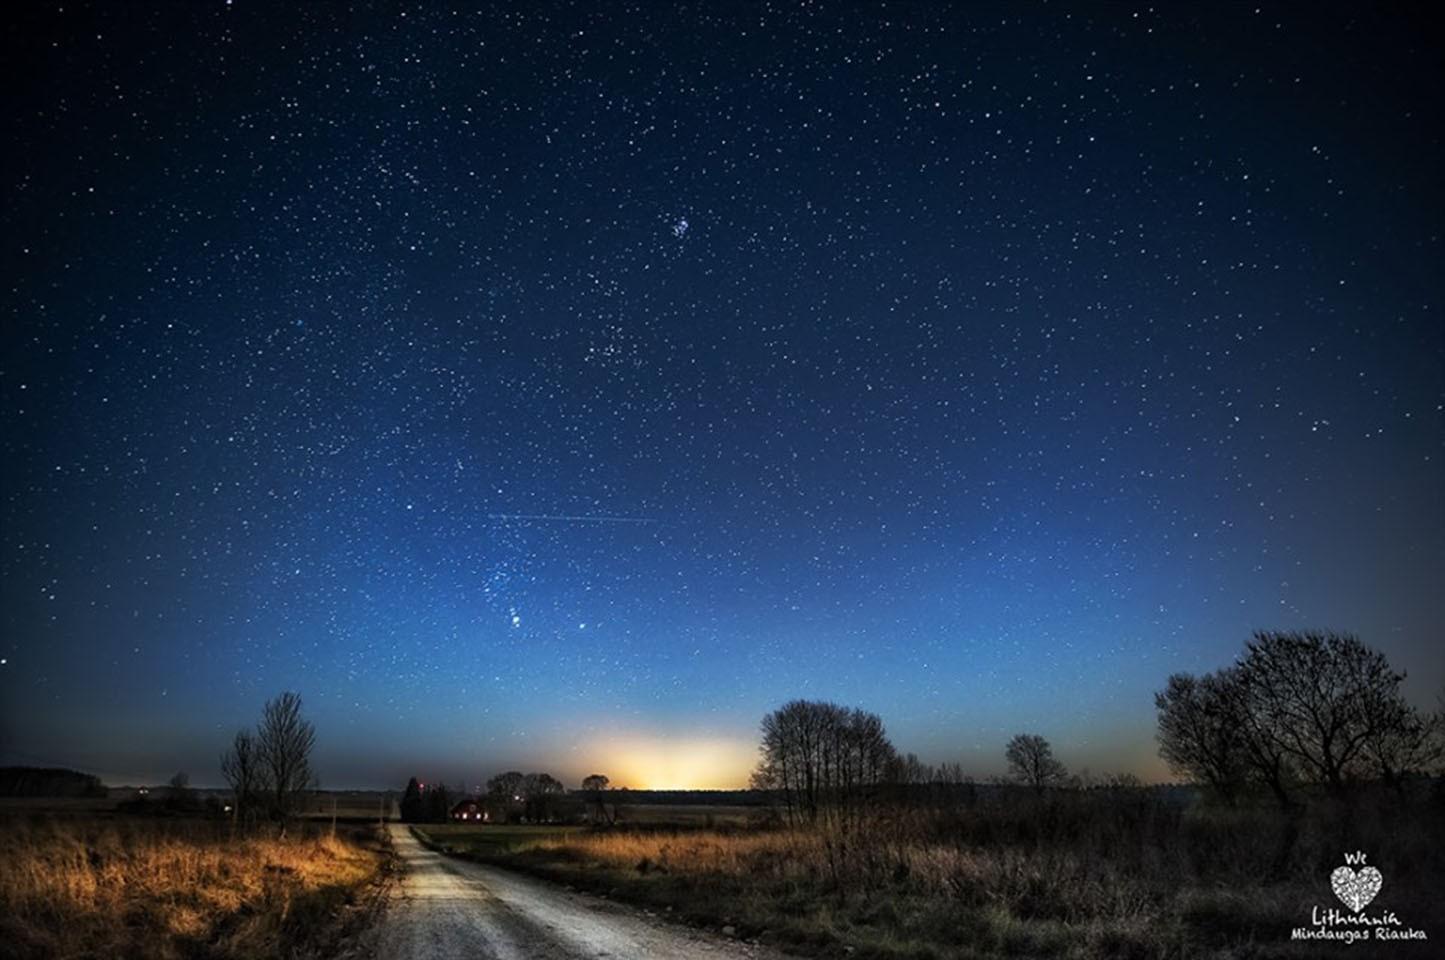 картинка ясное ночное небо этот